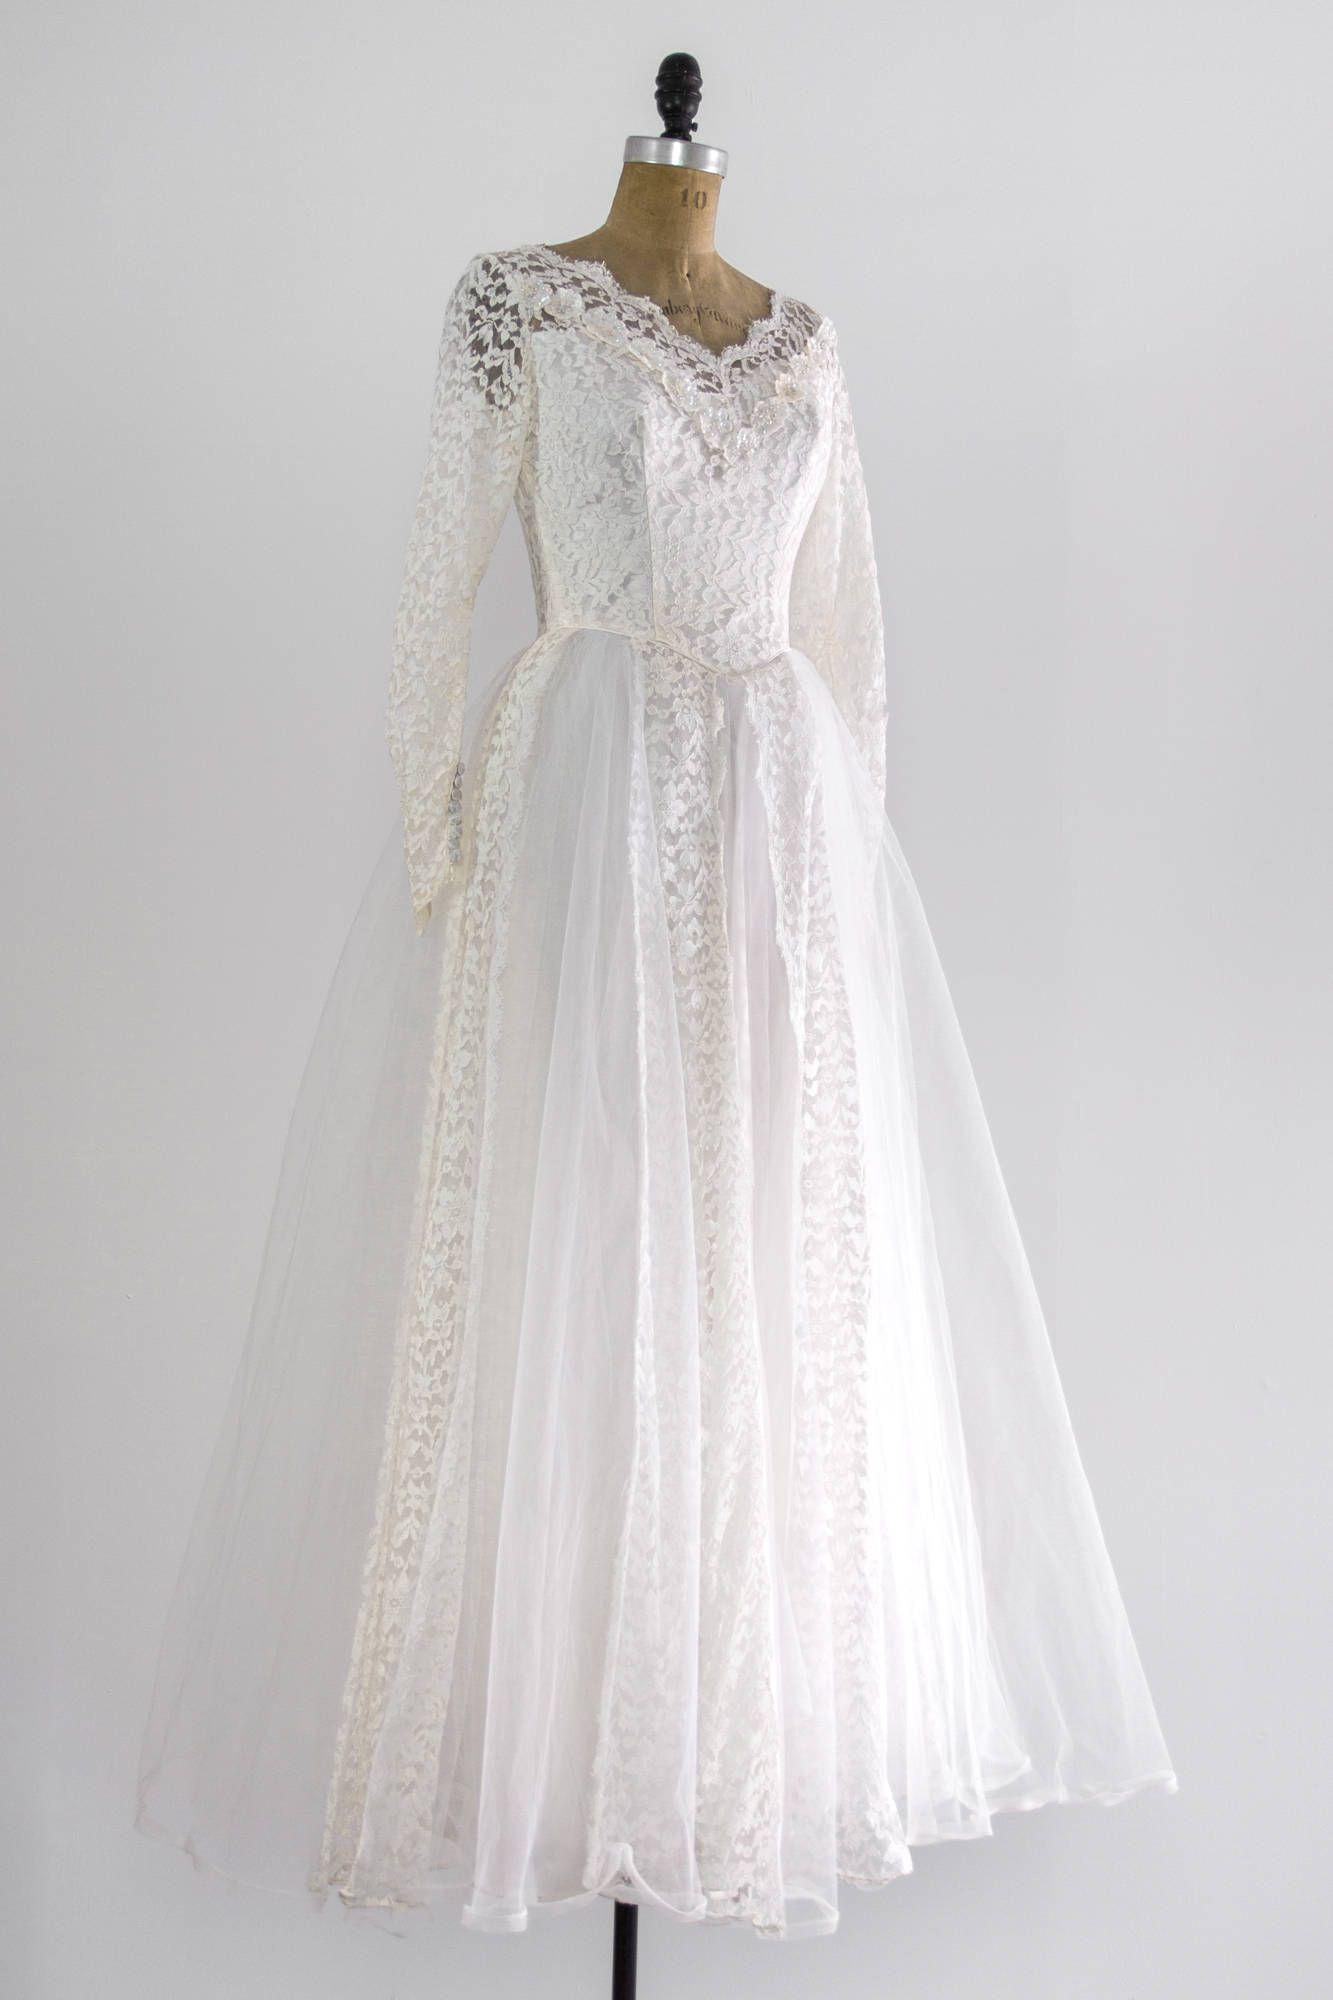 Vintage 1950s wedding dress vintage wedding ballgown with